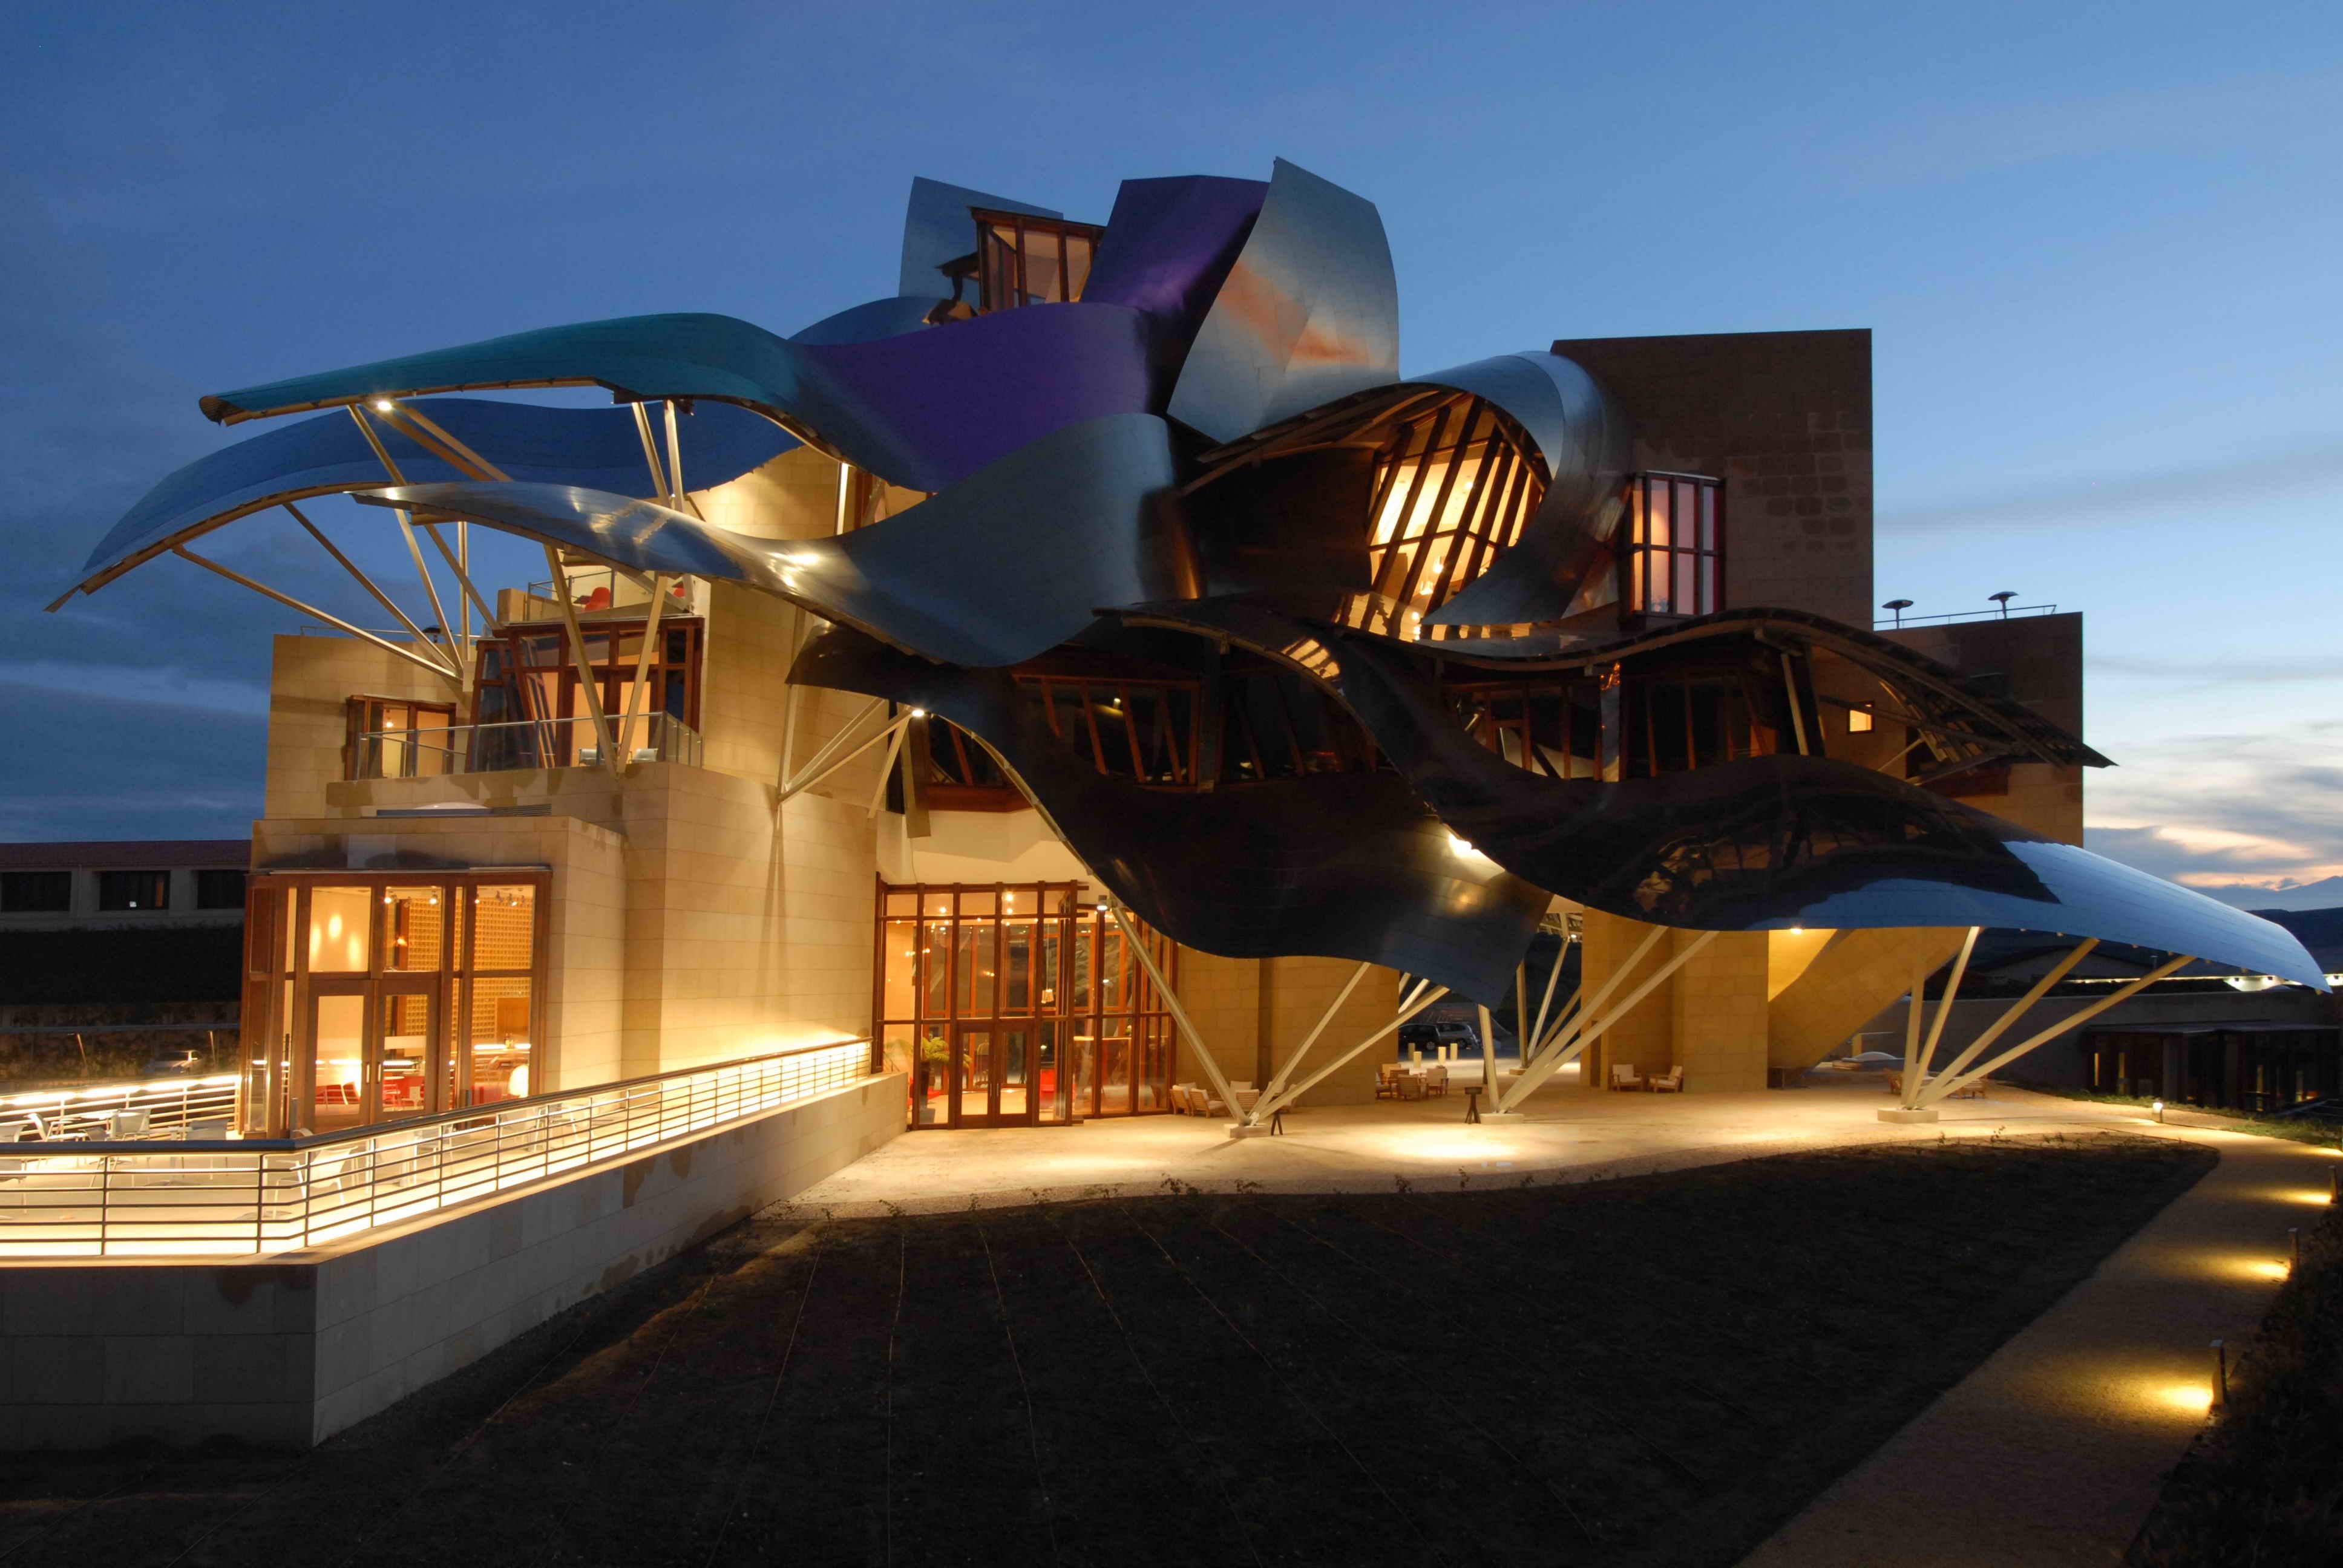 Hotel marqu s de riscal vino y arquitectura revista el - Arquitecto bodegas marques de riscal ...